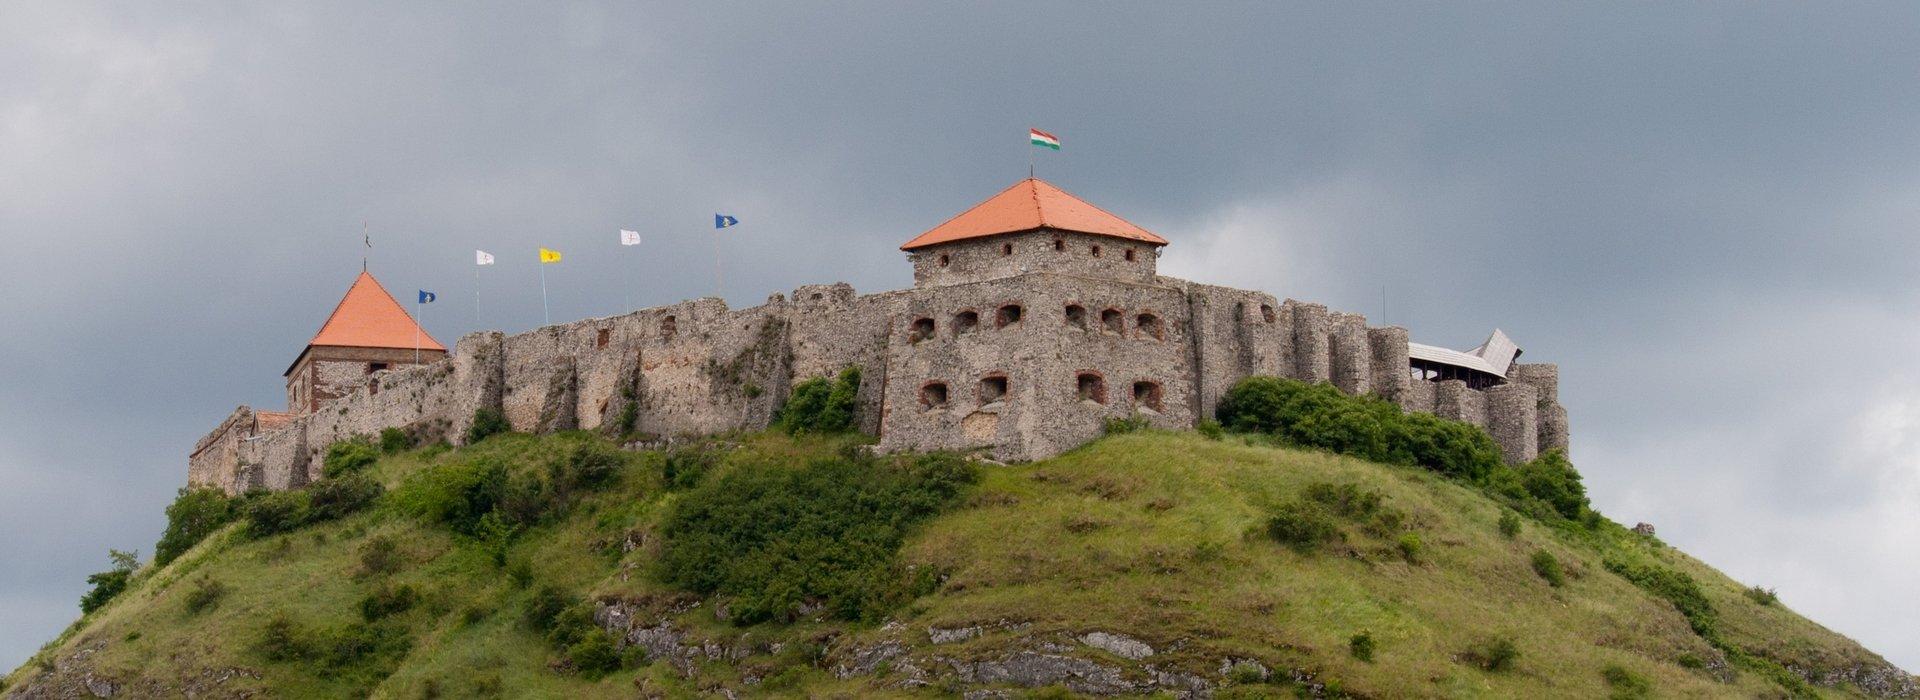 Burgen, Schlösser